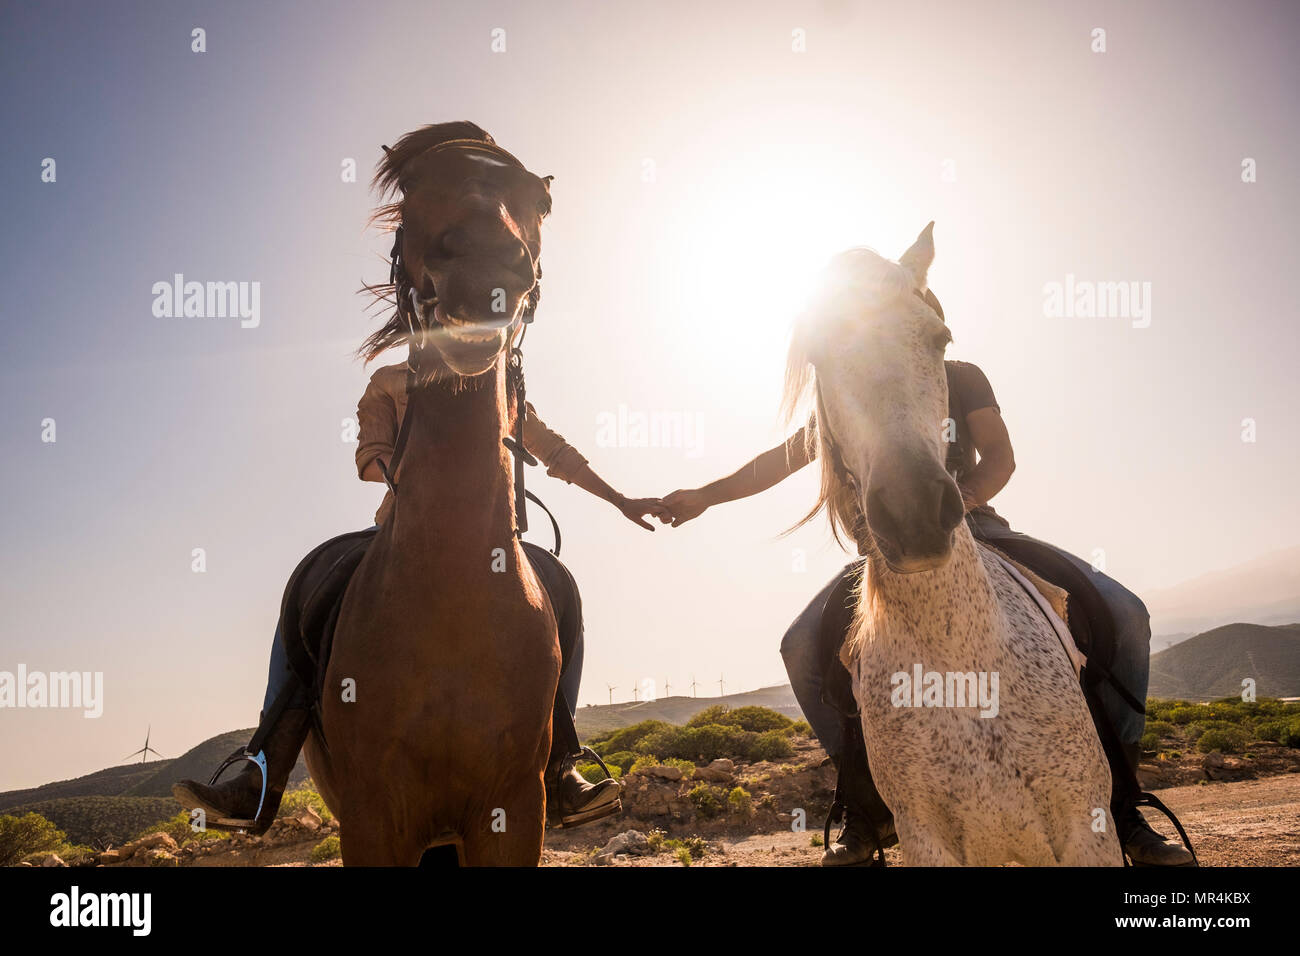 Les mains de toucher avec amour mais face à la bombe des photos pour une image drôle final avec l'éclairage de l'amour et de sourire. concept dans la nature loisirs Photo Stock